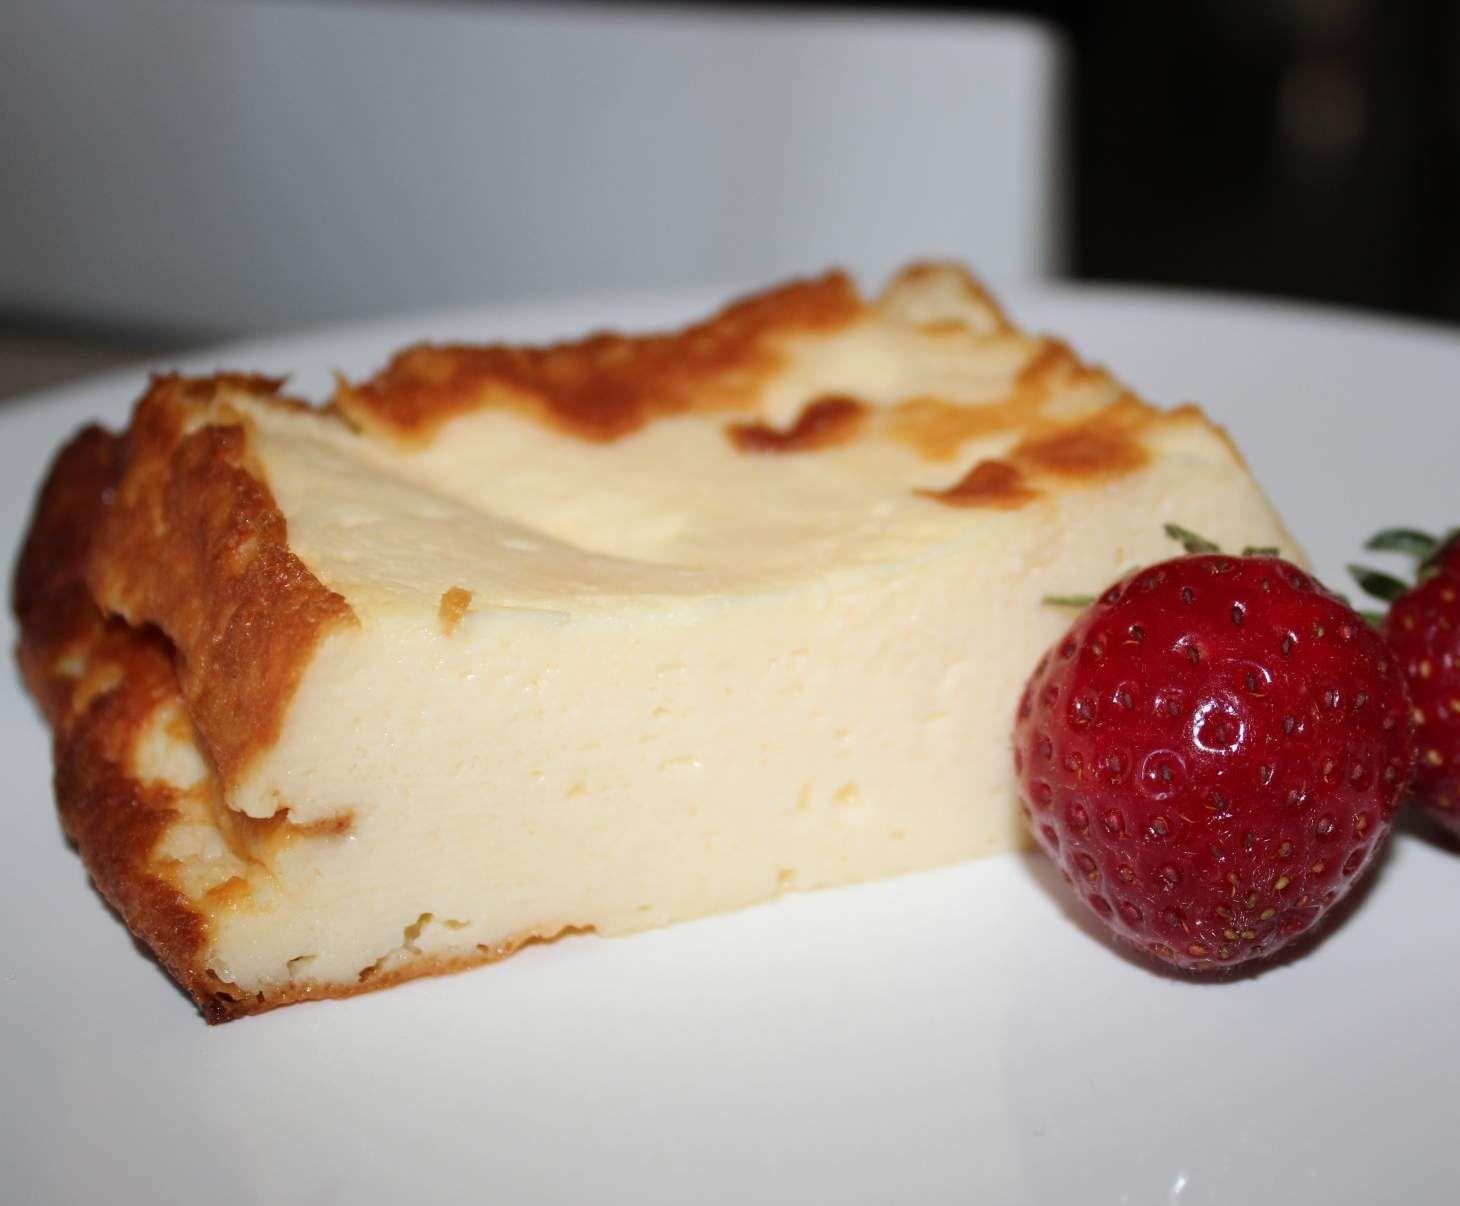 Recept Pečený tvarohovo-jogurtový dezert od Jarki - Recept z kategorie Dezerty a sladkosti